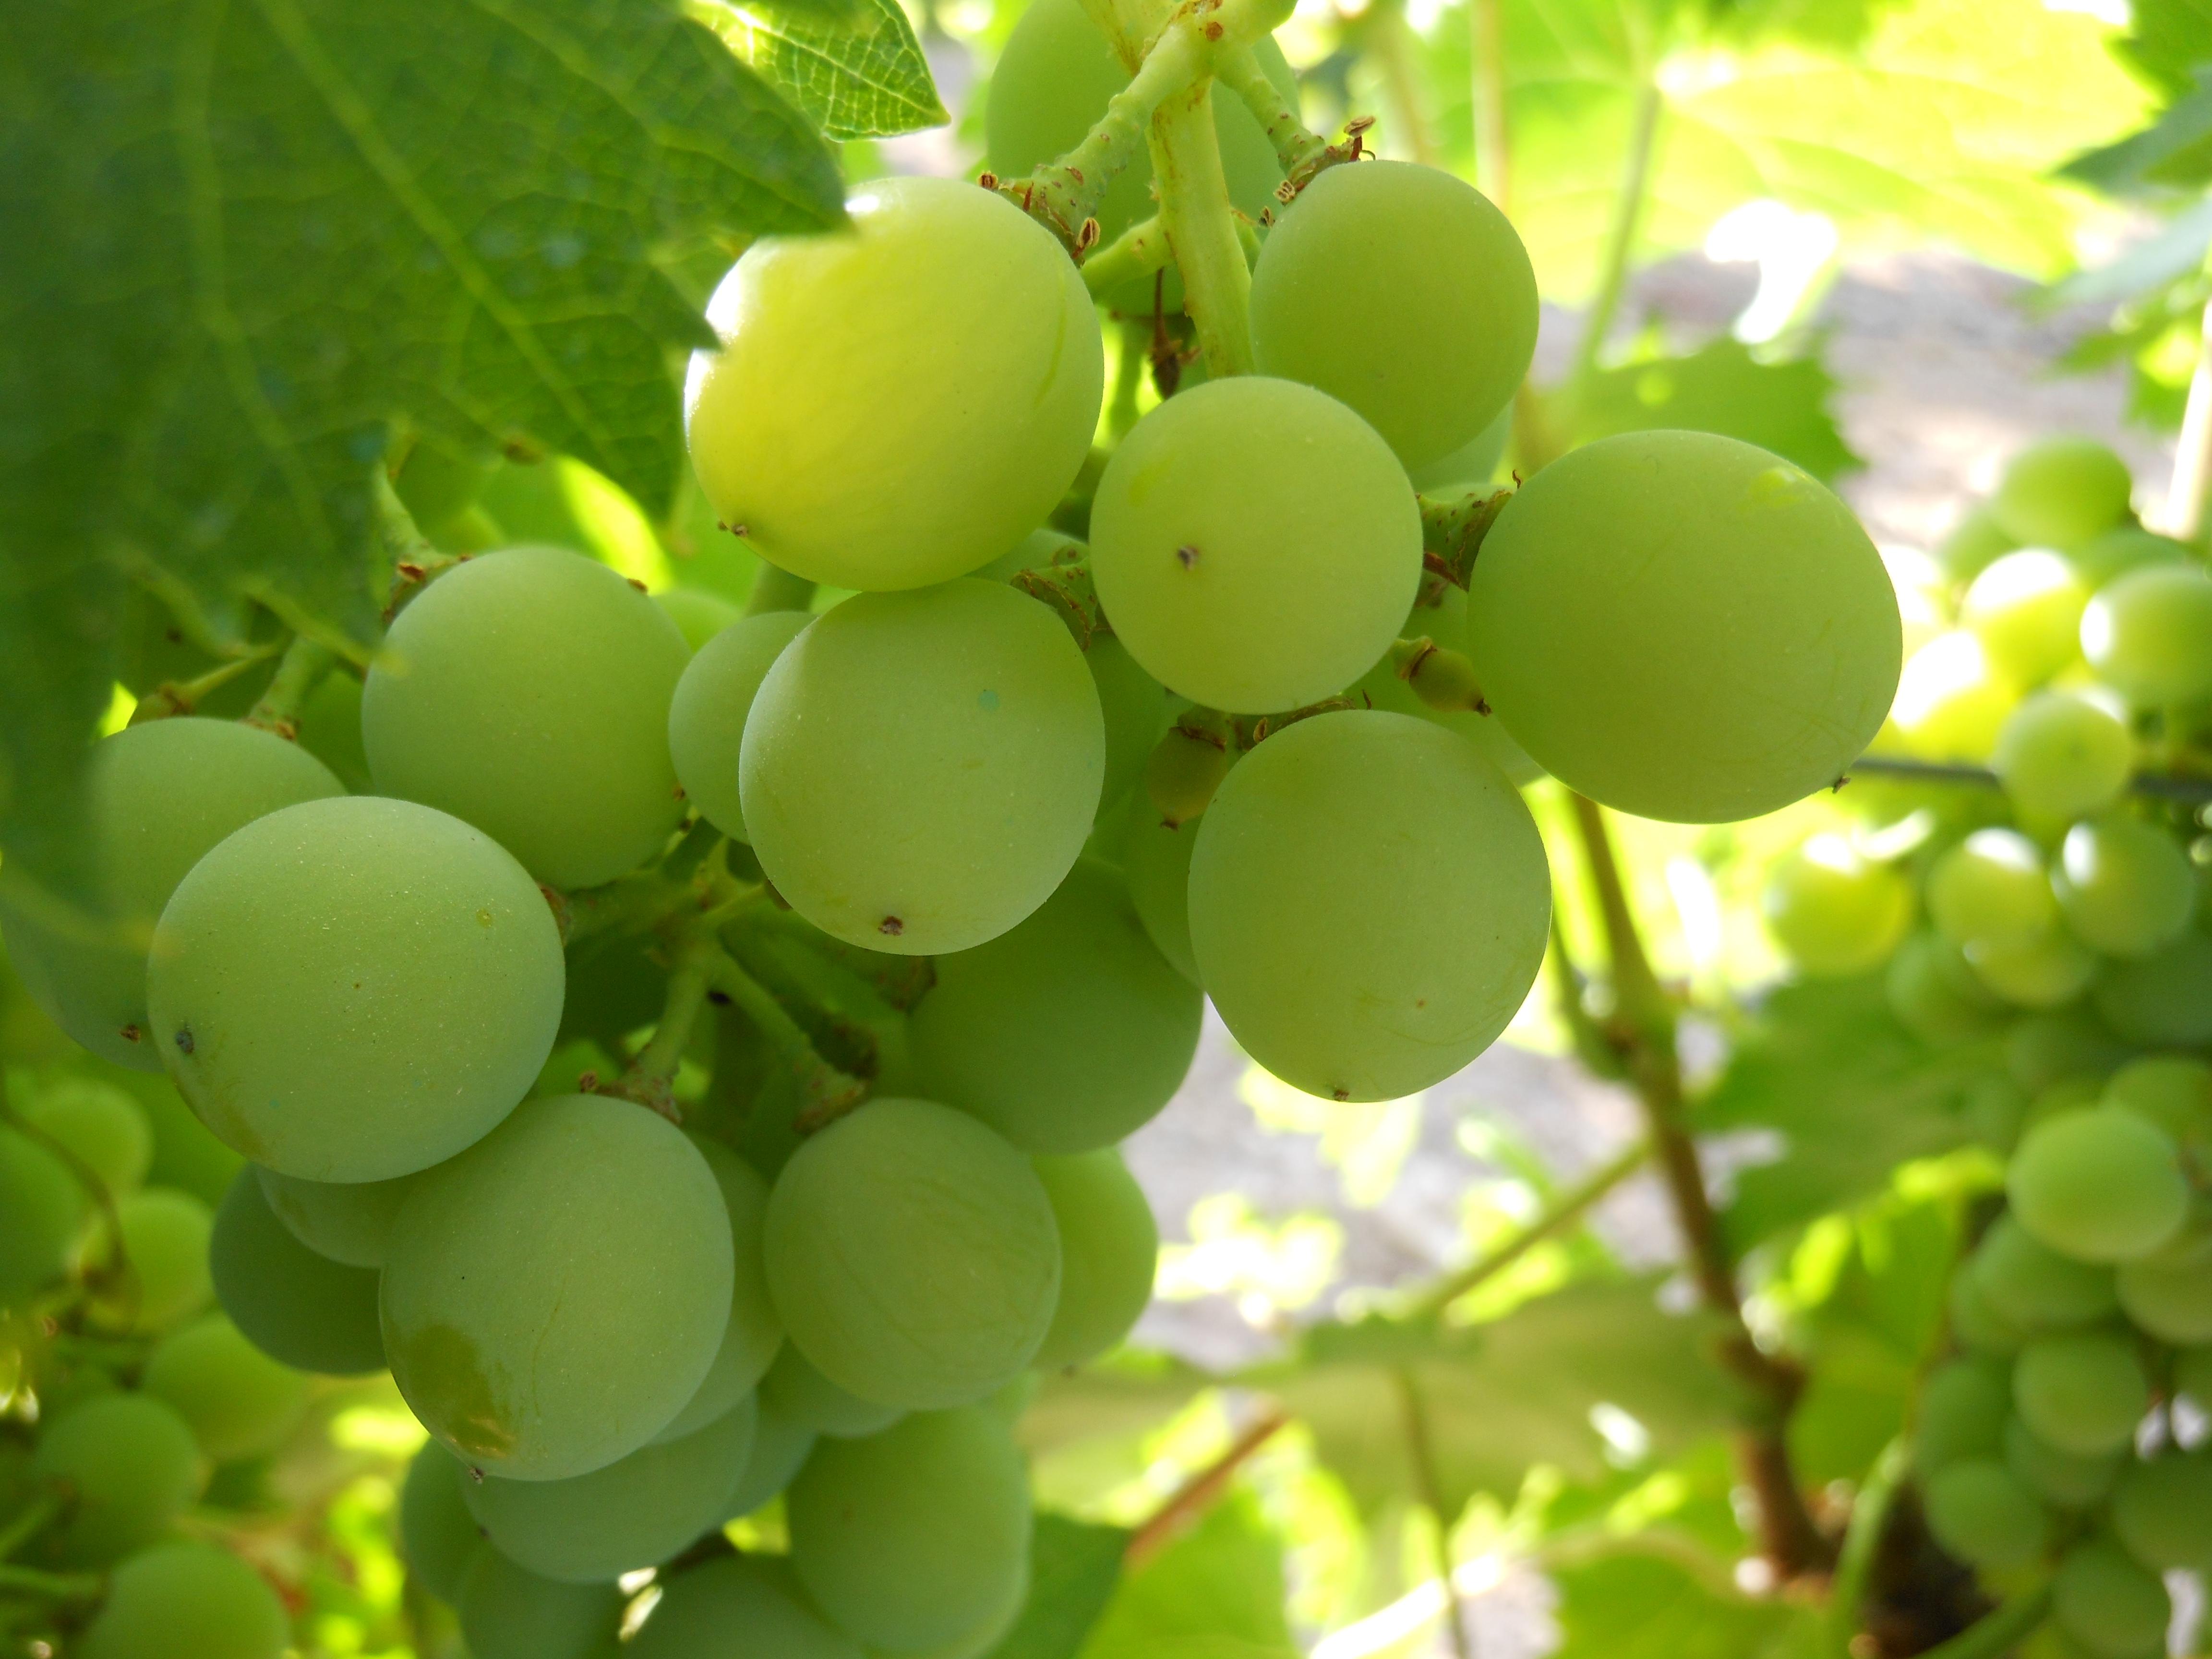 La vid, el vino y el CSIC: http://www.delascosasdelcomer.com/2015/10/19/la-vid-el-vino-y-el-csic-dos-siglos-de-investigacion-en-el-real-jardin-botanico/